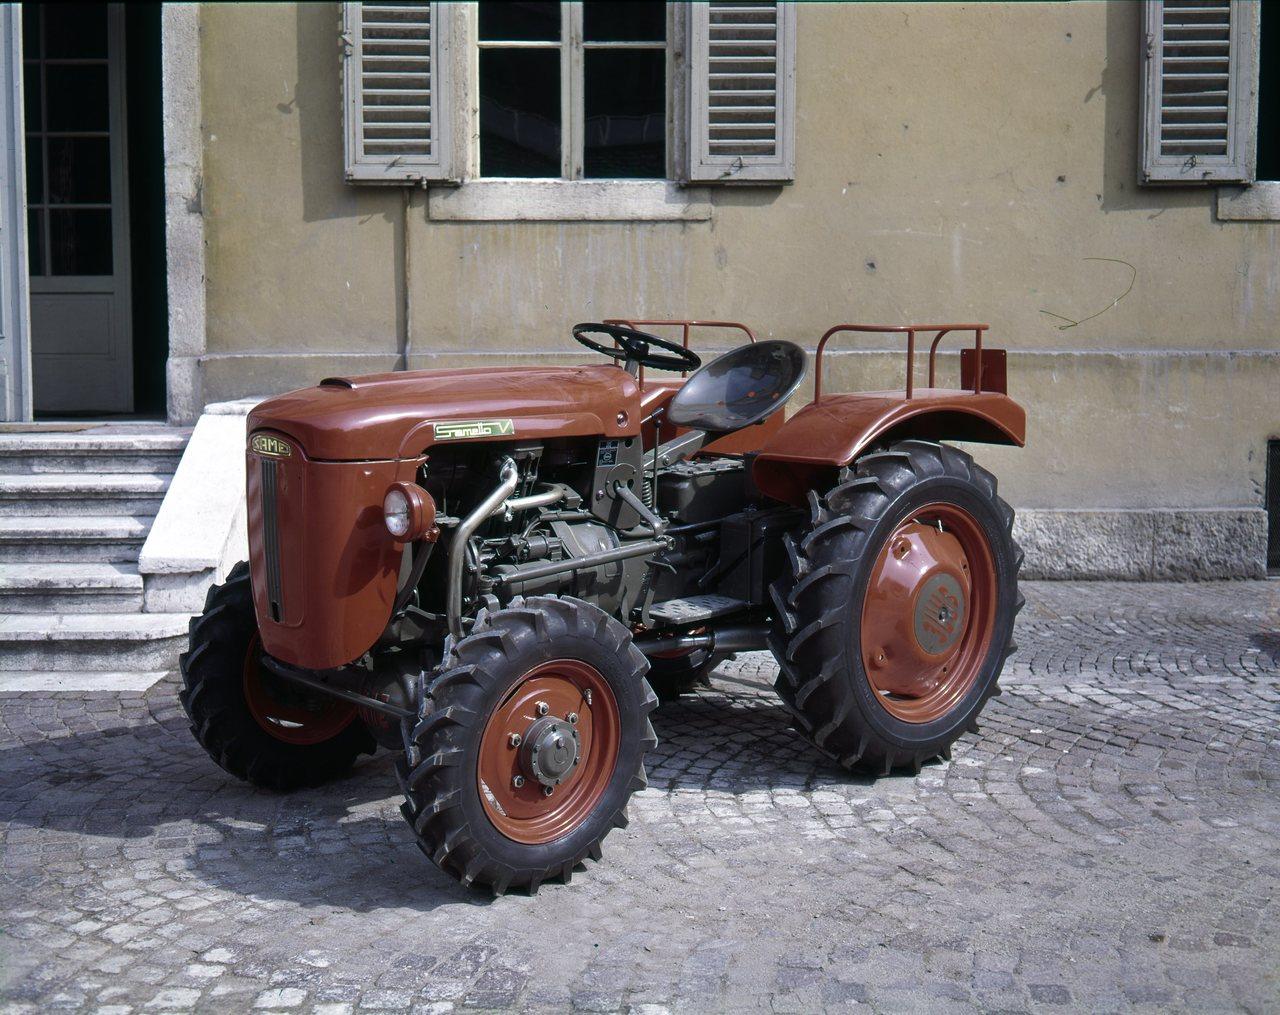 [SAME] trattore Sametto V